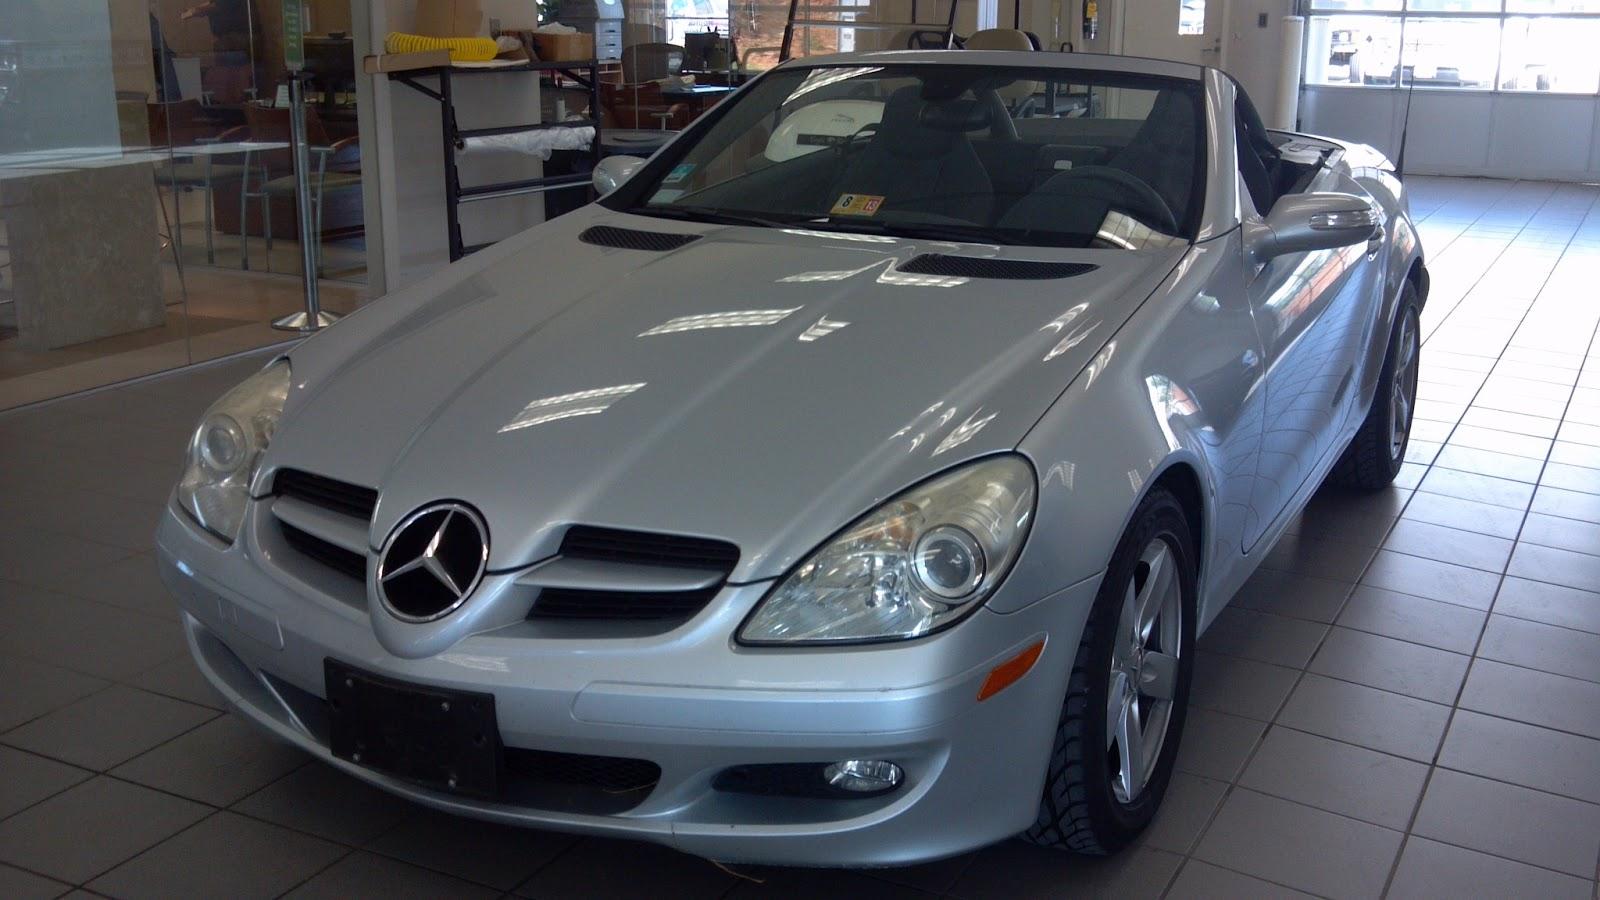 2006 mercedes benz slk280 rt080876 22 991 37 239 for 2006 mercedes benz slk280